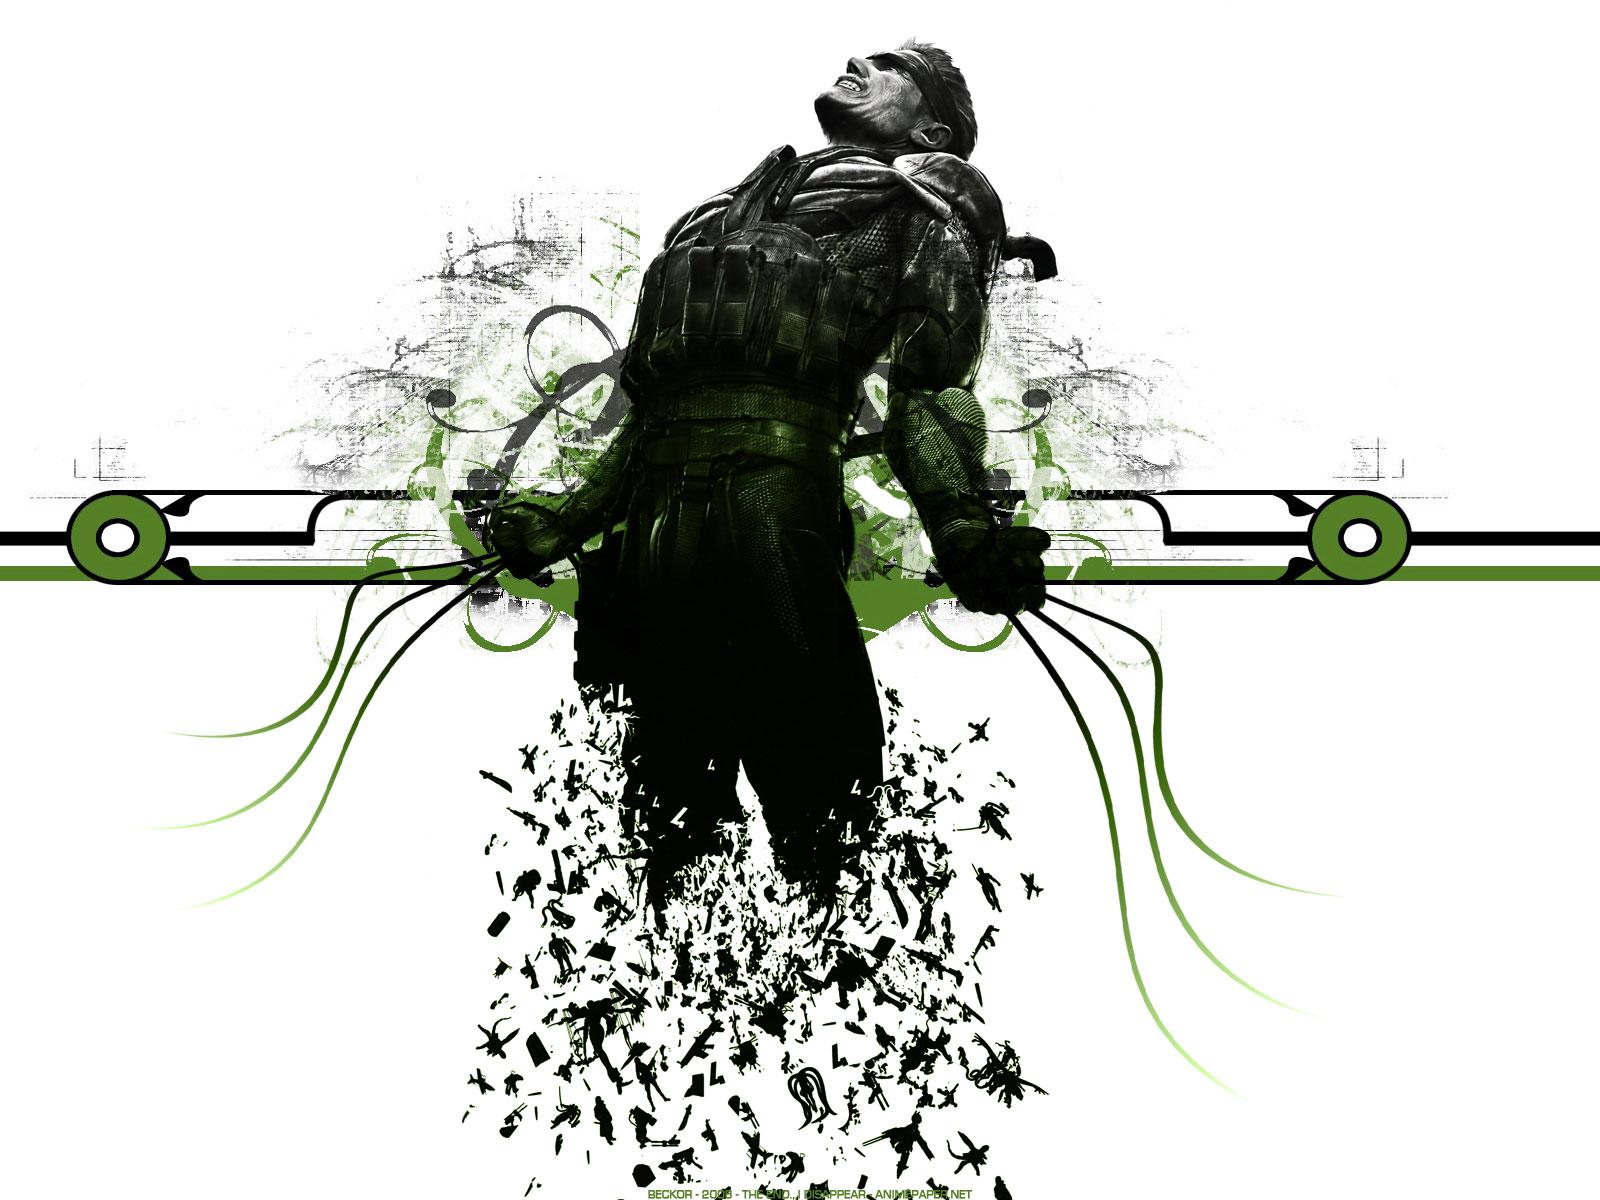 Metal Gear Solid 4 Art - HD Wallpaper